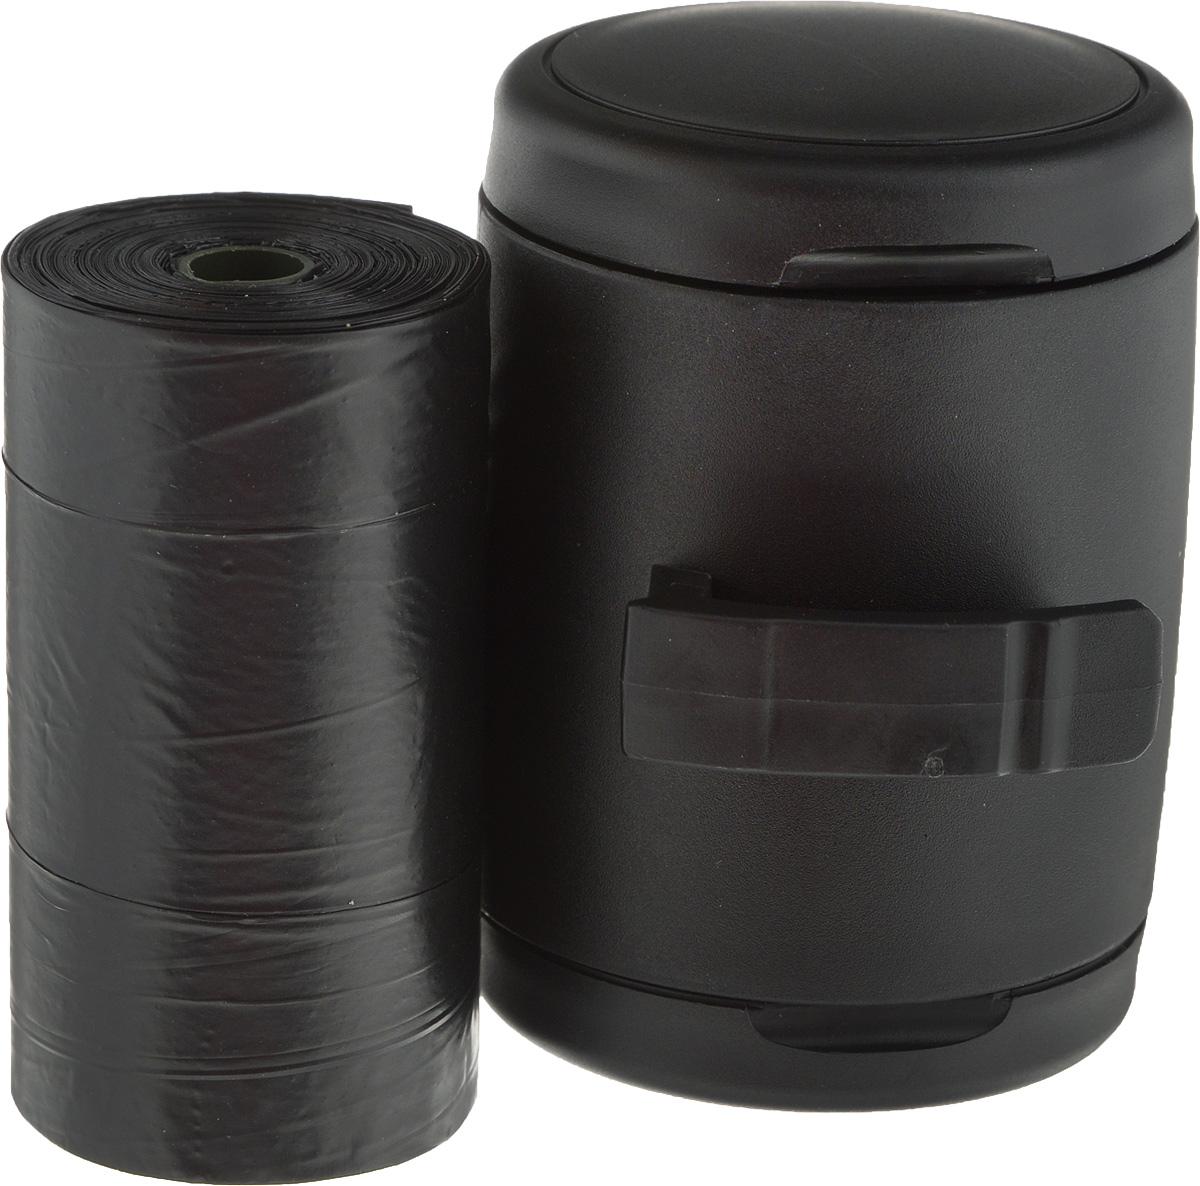 Мультибокс Triol Flexi, для лакомств или гигиенических пакетов, цвет: черный, 7,3 х 5,1 х 5,9 смSTNZMB.510.SМультибокс Triol Flexi– незаменимый аксессуар для владельцев четвероногих питомцев, который идеально подойдет для оригинальных поводков-рулеток коллекции Fun. В данных моделях этот компактный контейнер для лакомств или гигиенических пакетов удобно фиксируется прямо под ручкой рулетки, не доставляя дискомфорта во время прогулки. Мультибокс можно использовать для переноски пакетиков для уборки за собакой или для того, чтобы взять с собой в дорогу вкусняшки для поощрения собаки.Одноразовые пакеты для уборки за собакой входят в комплект.Размер мультибокса: 7,3 х 5,1 х 5,9 см.